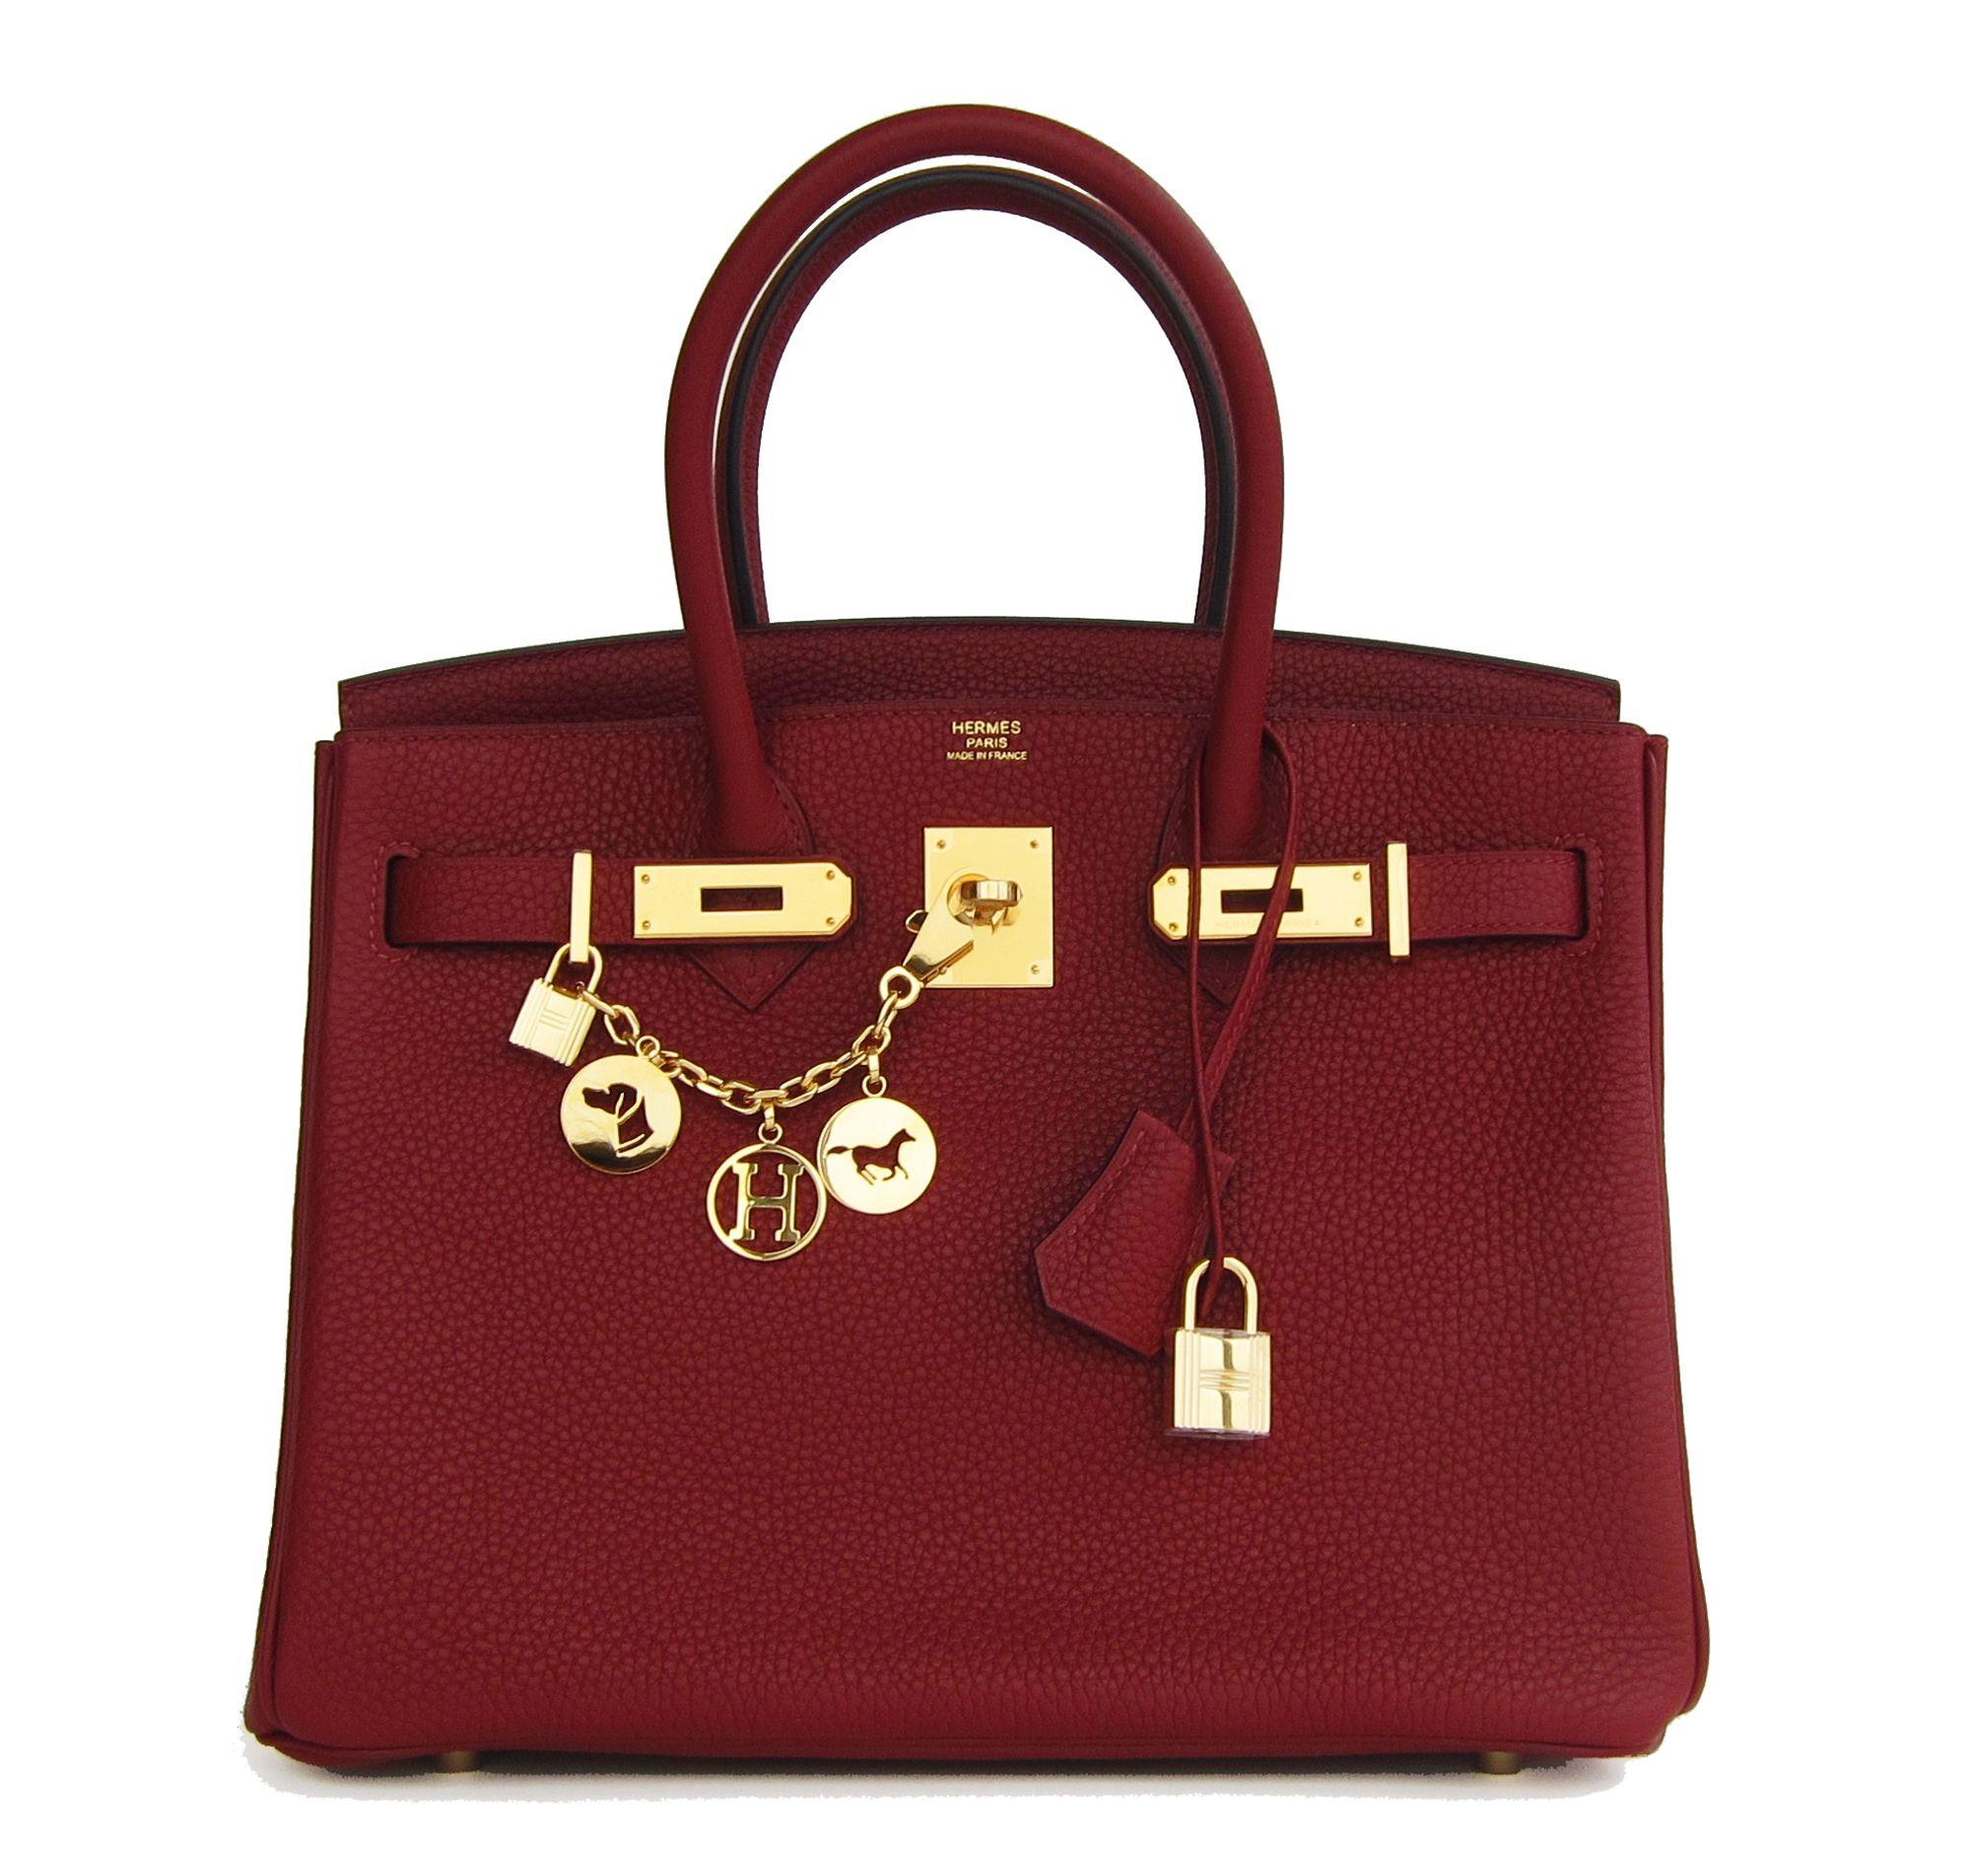 8106449a7004 Hermes Birkin Bag 30cm Rouge H Clemence Gold Hardware